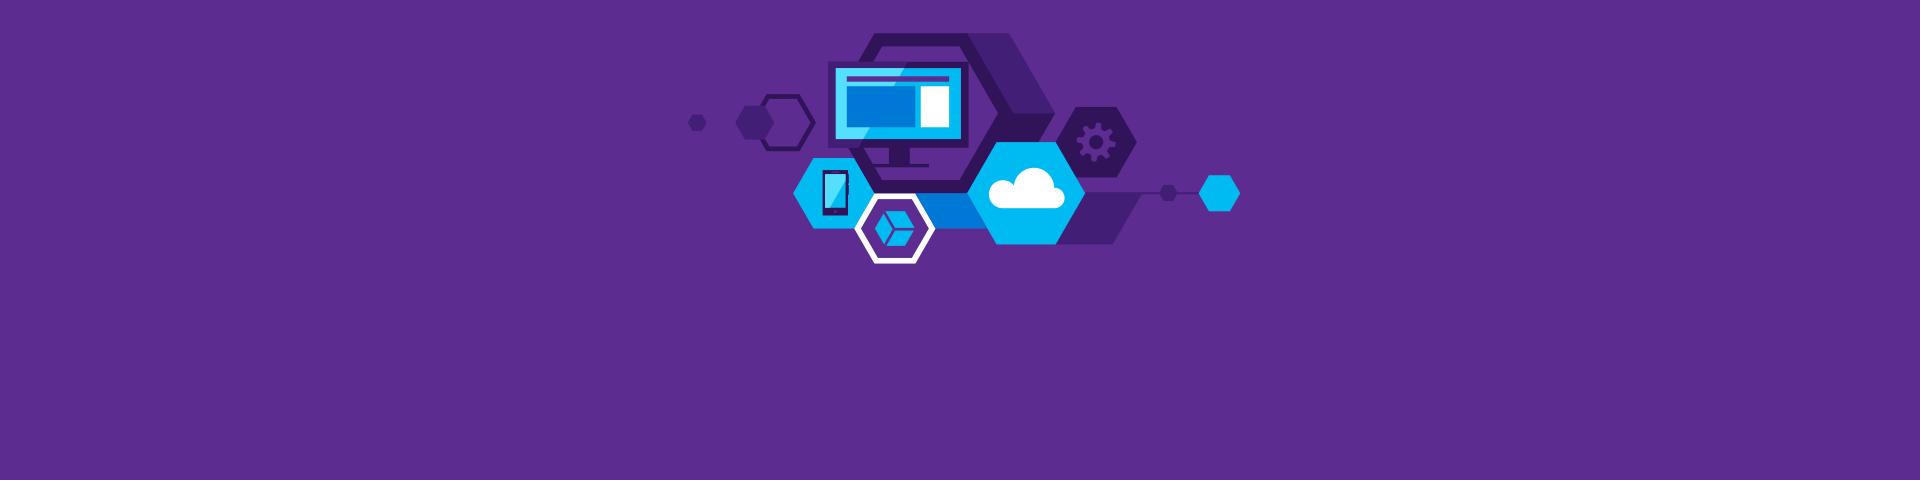 Bilgisayar, telefon, bulut ve diğer teknoloji simgeleri